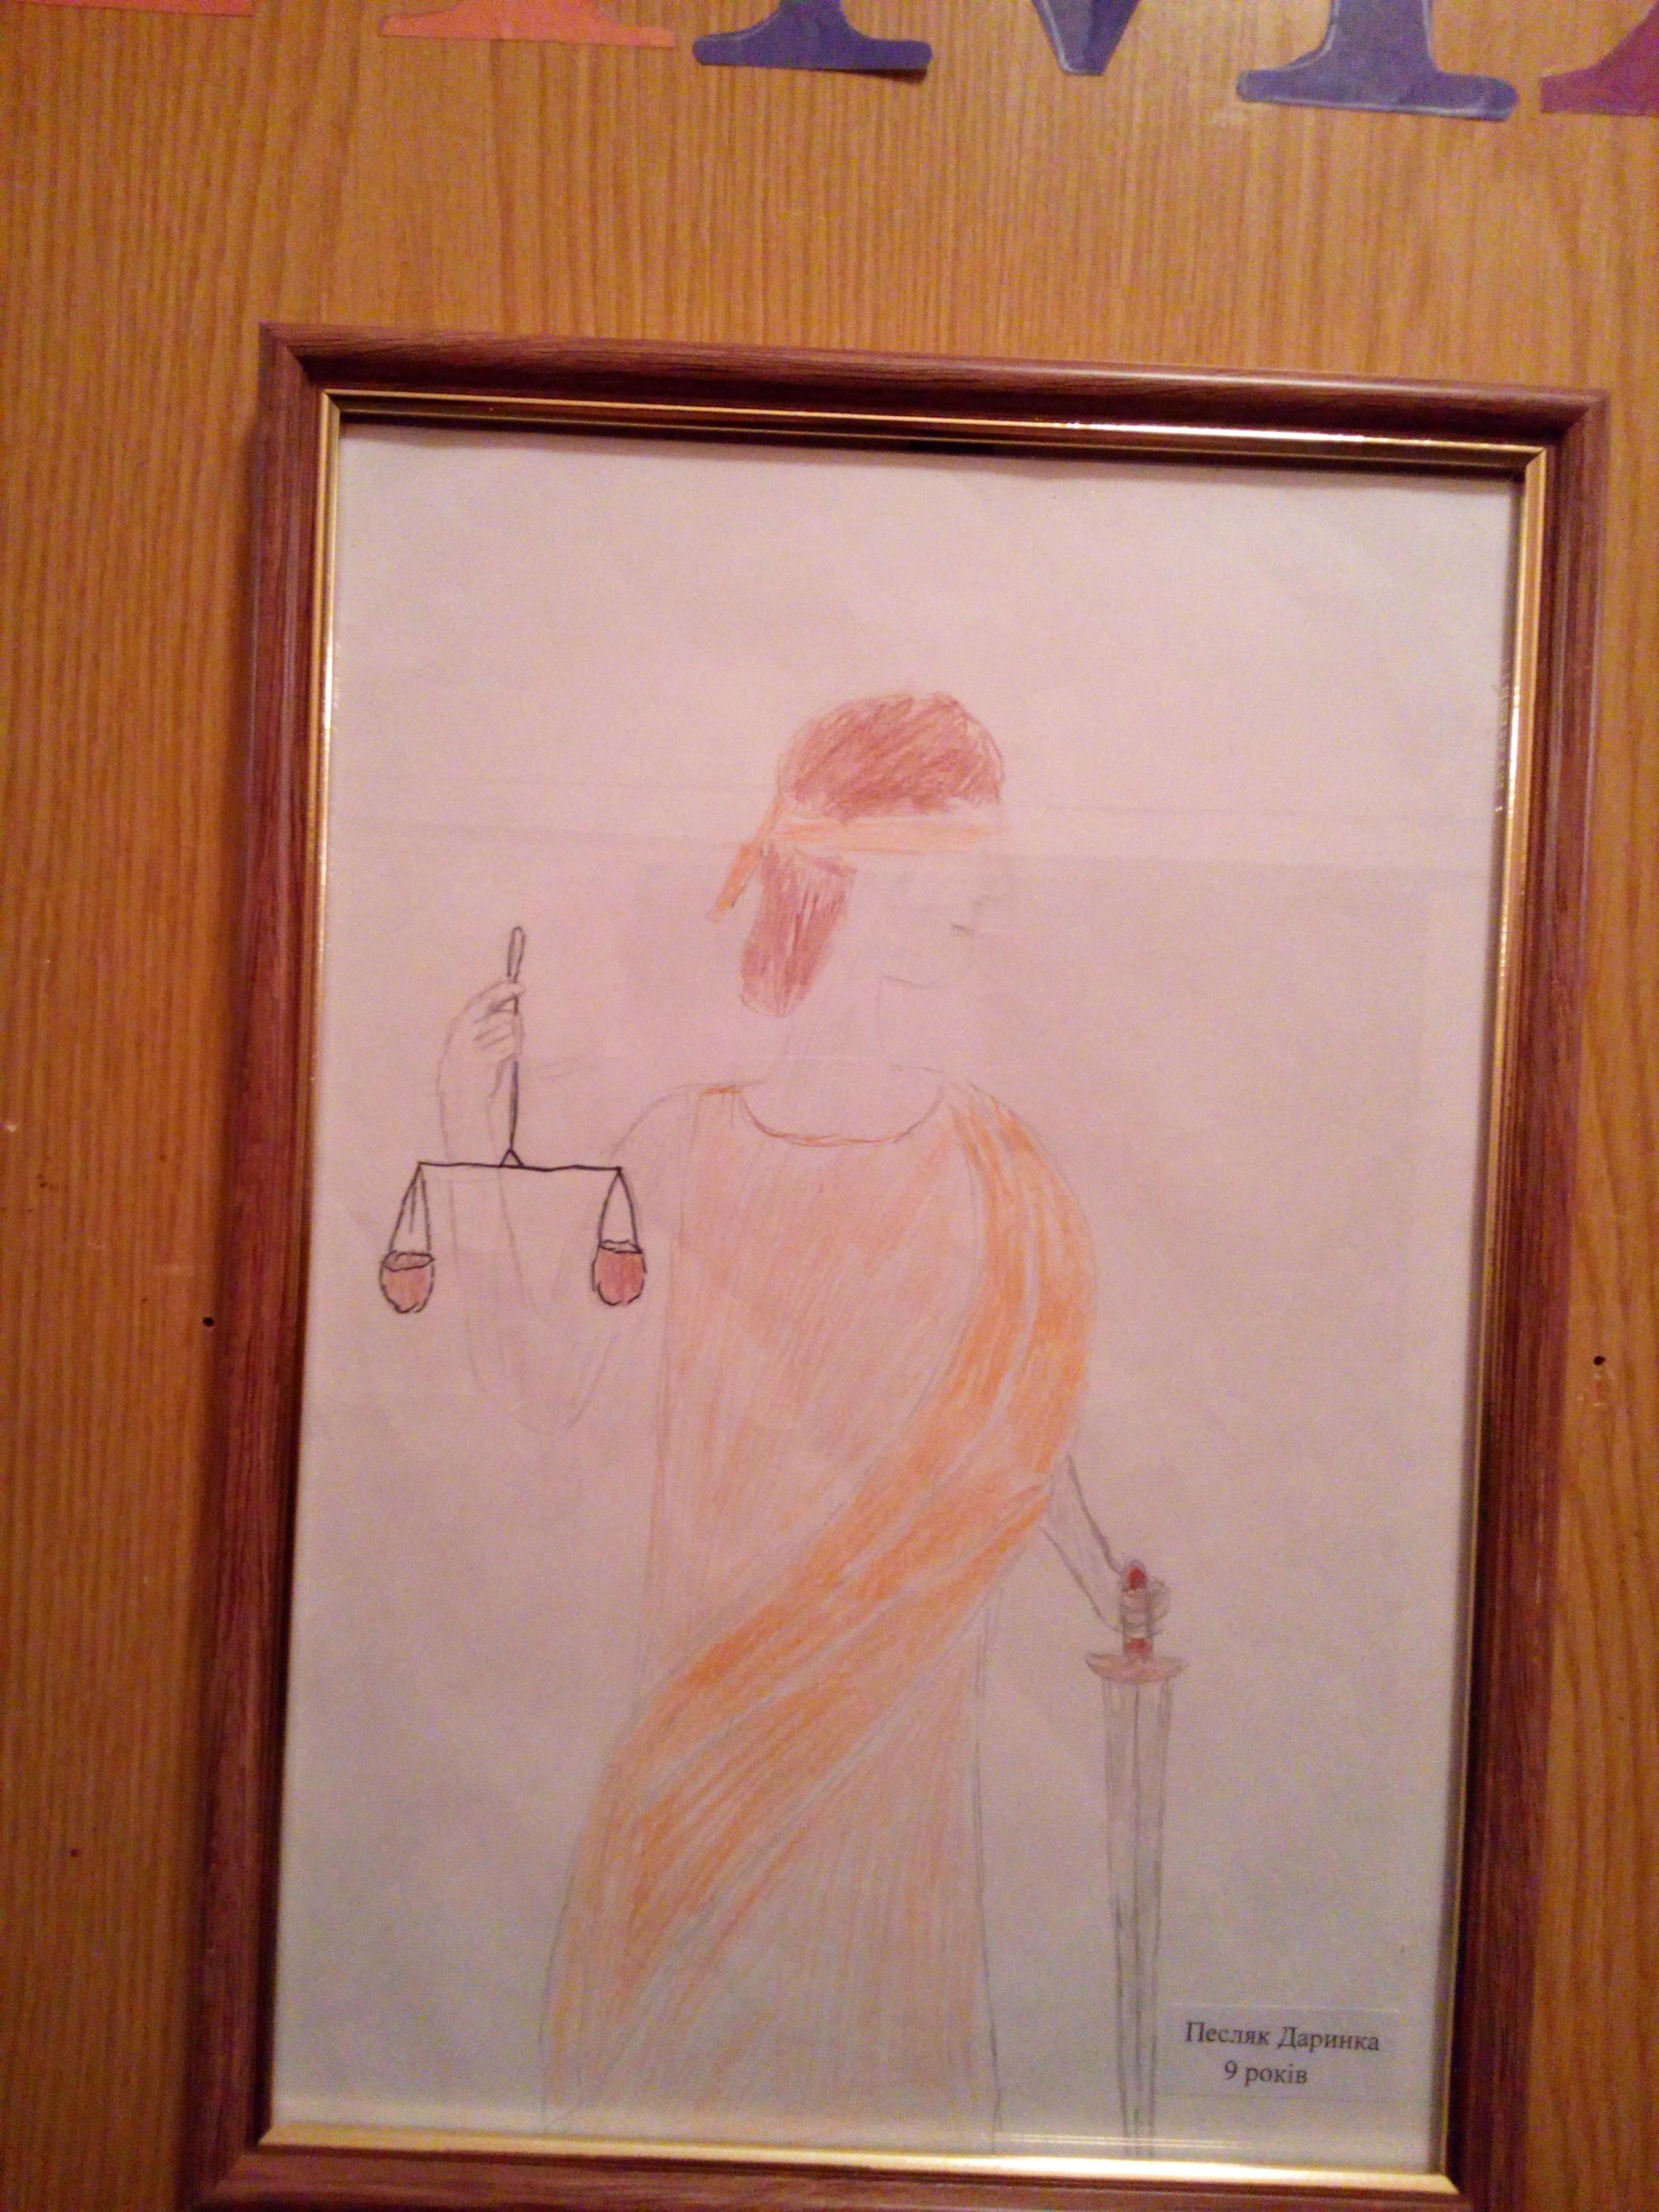 Песля Дарина 9 років